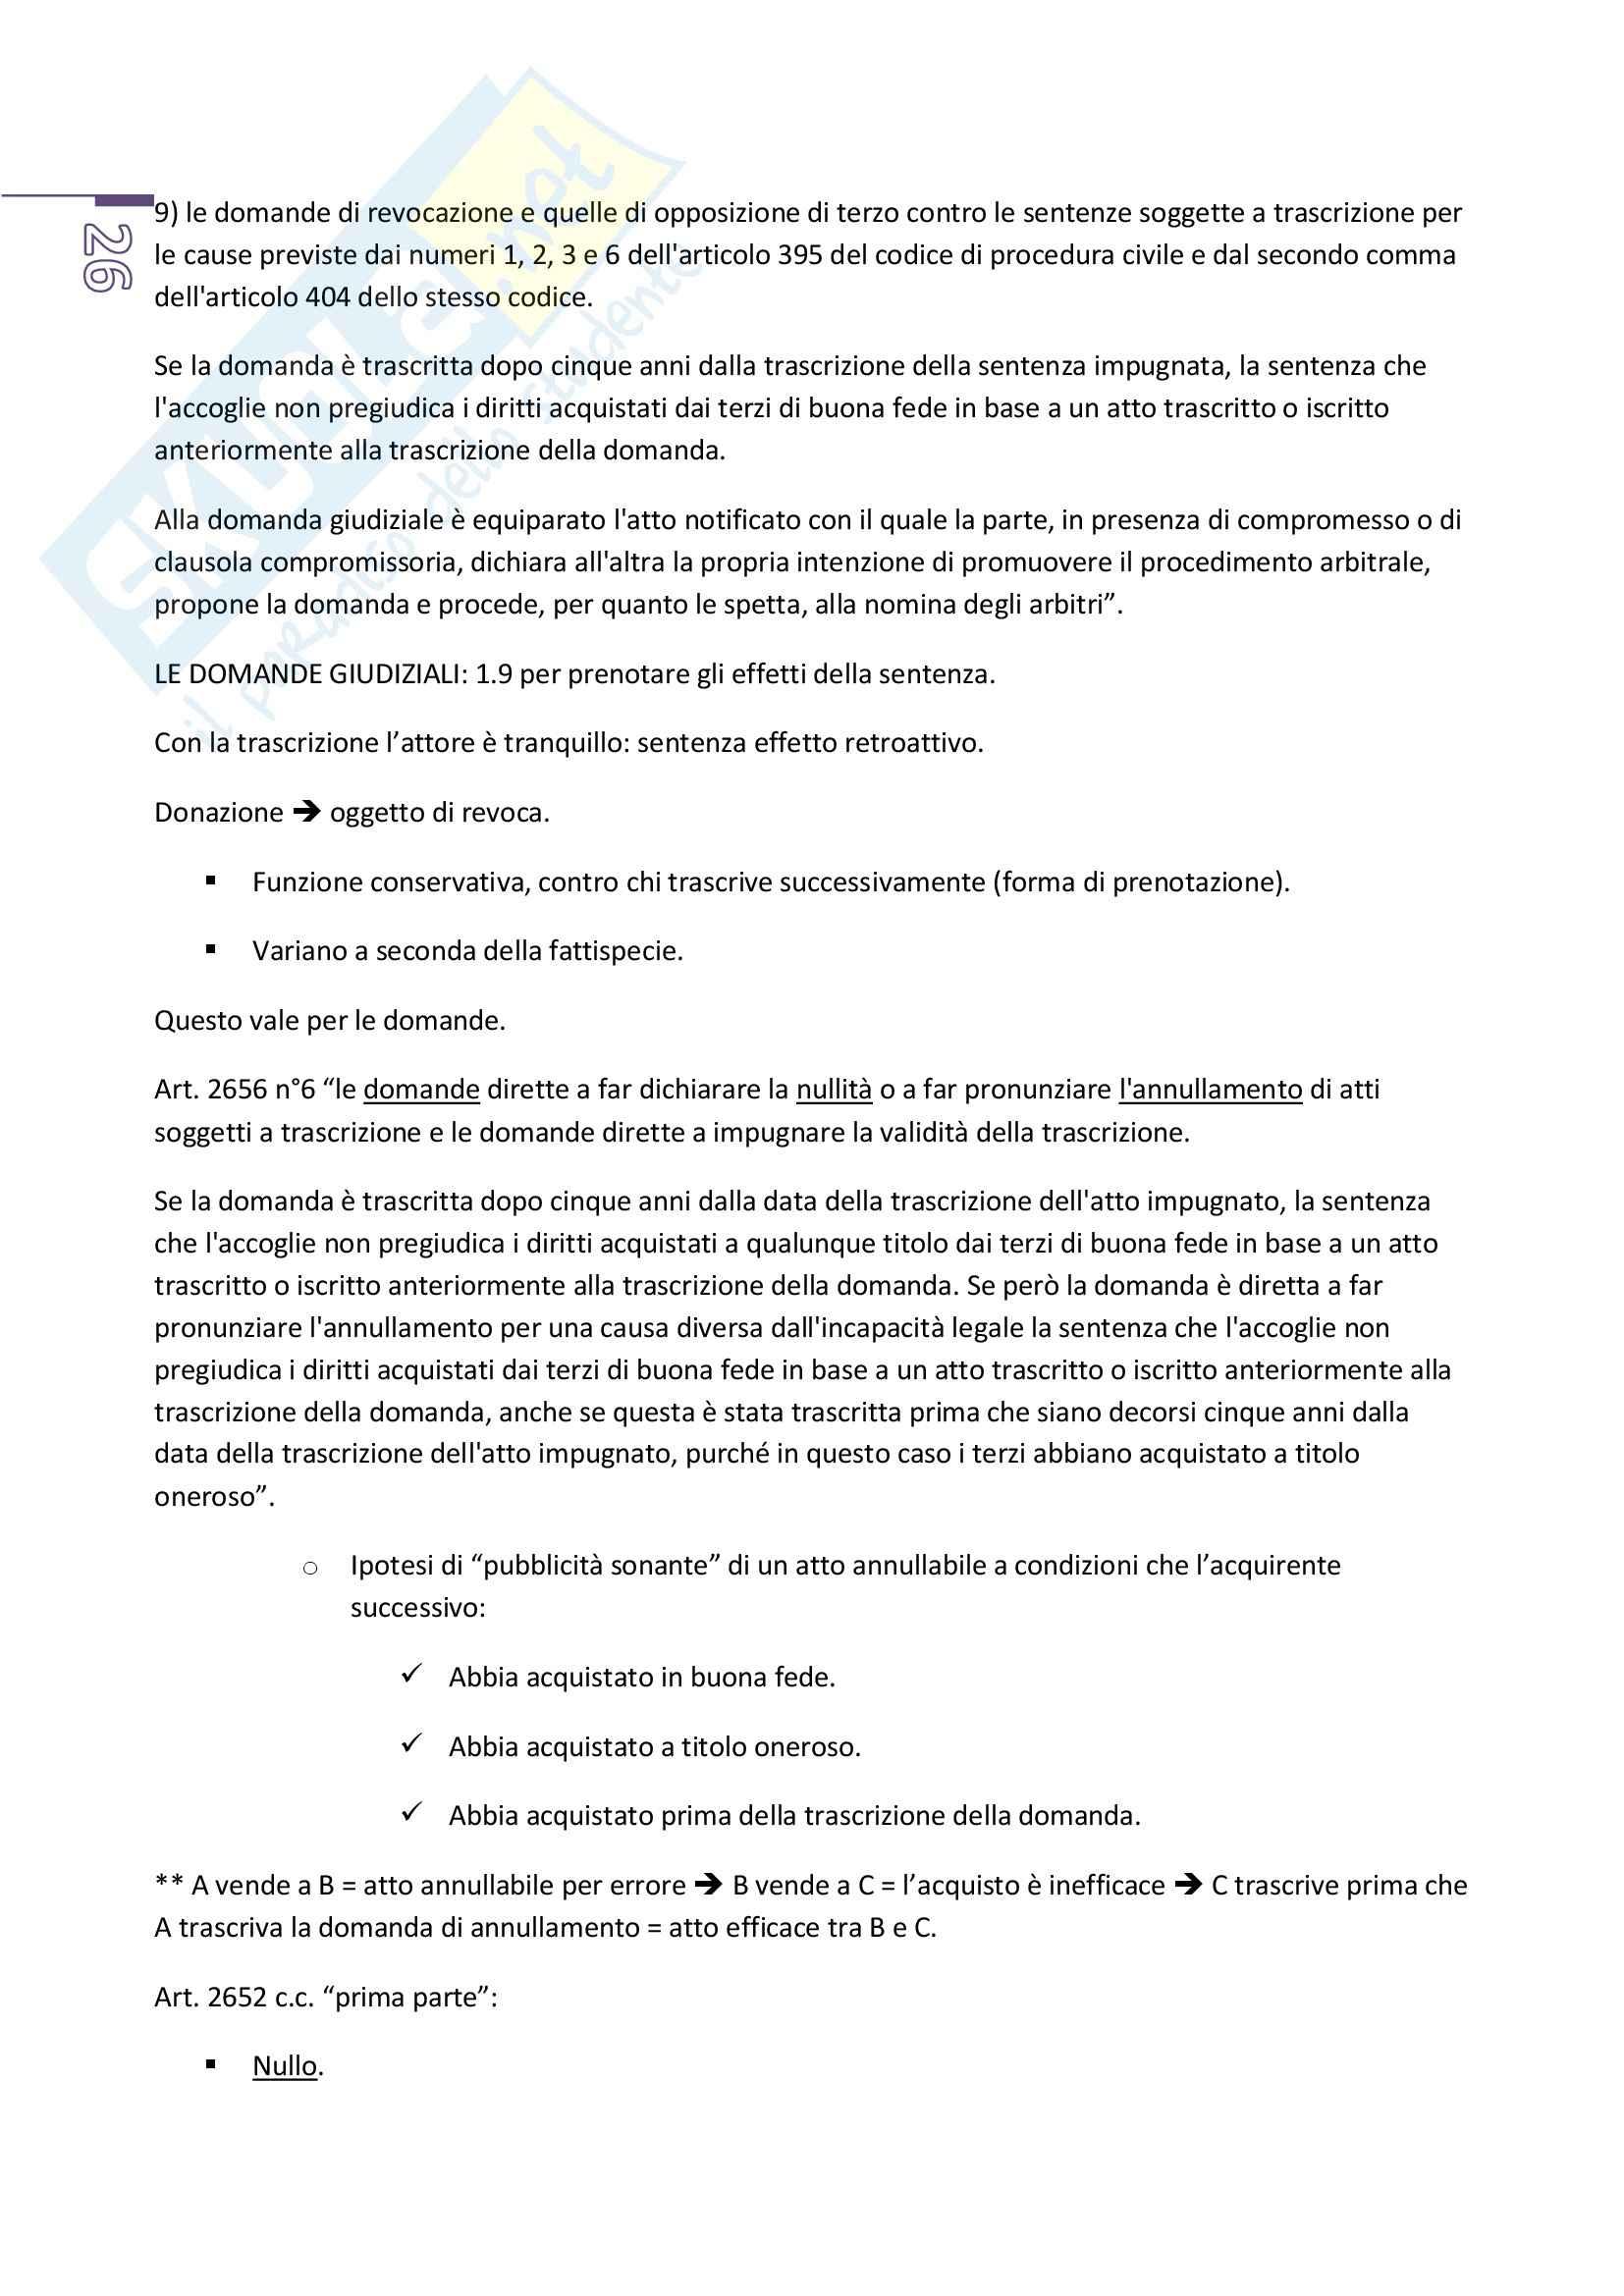 Appunti di diritto privato 2, prof. Benacchio (unitn) Pag. 26